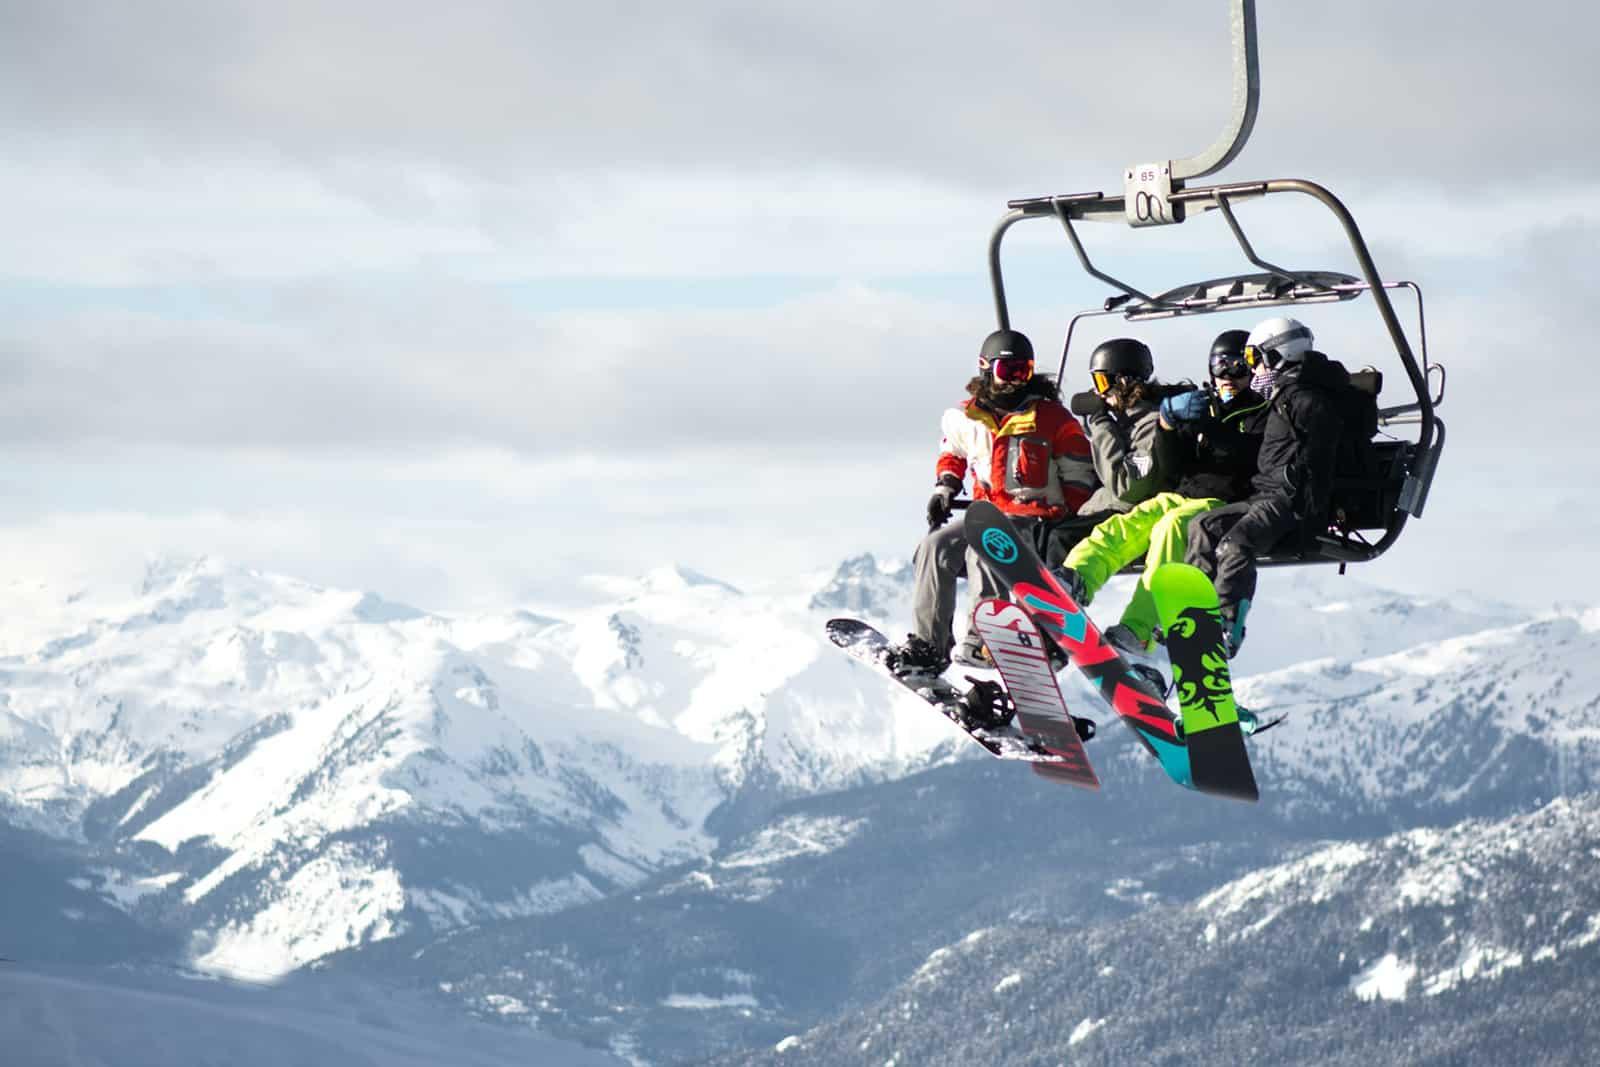 vier Personen fahren mit einer Seilbahn in den Bergen